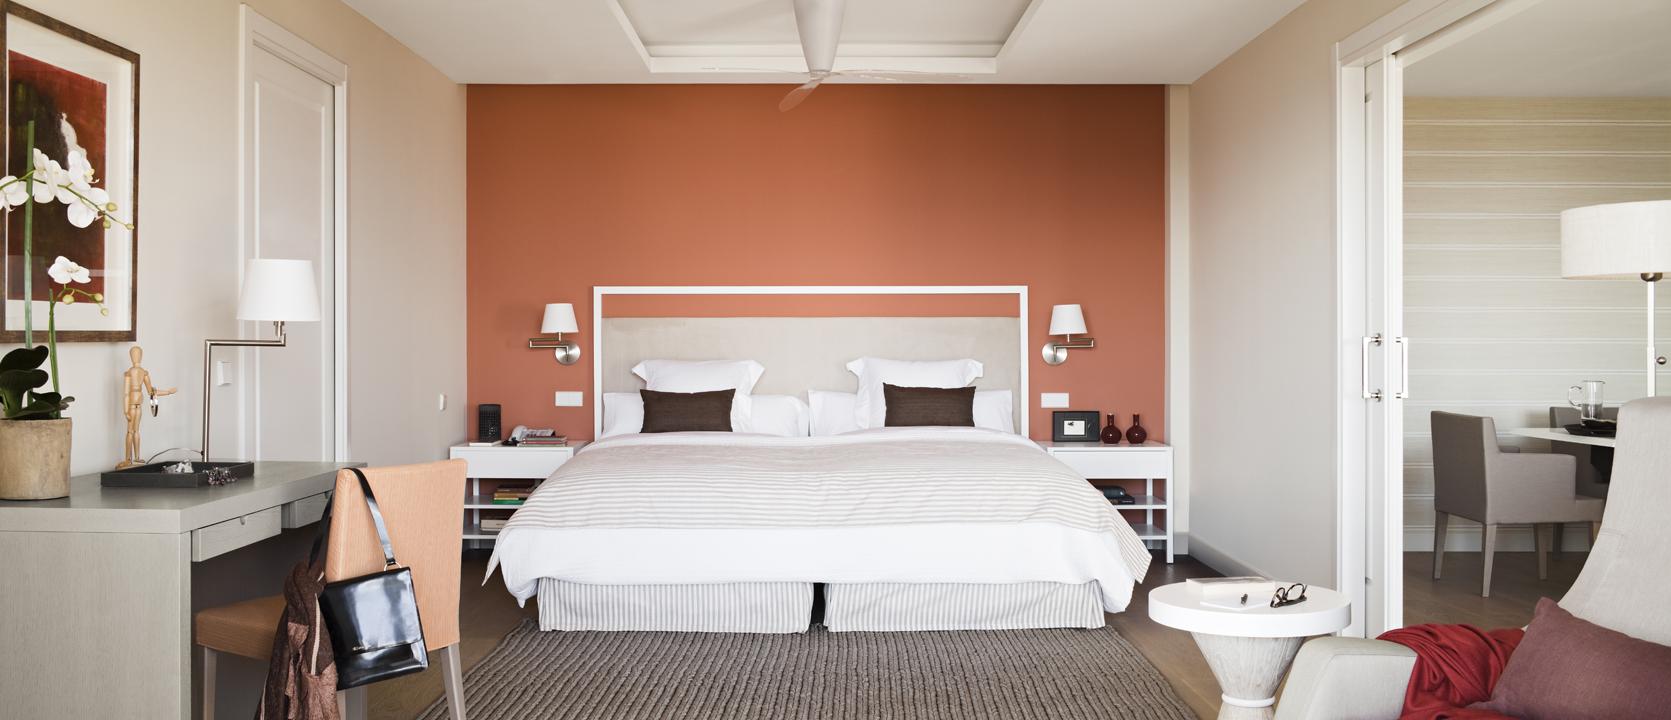 decoracion clinicas dormitorio